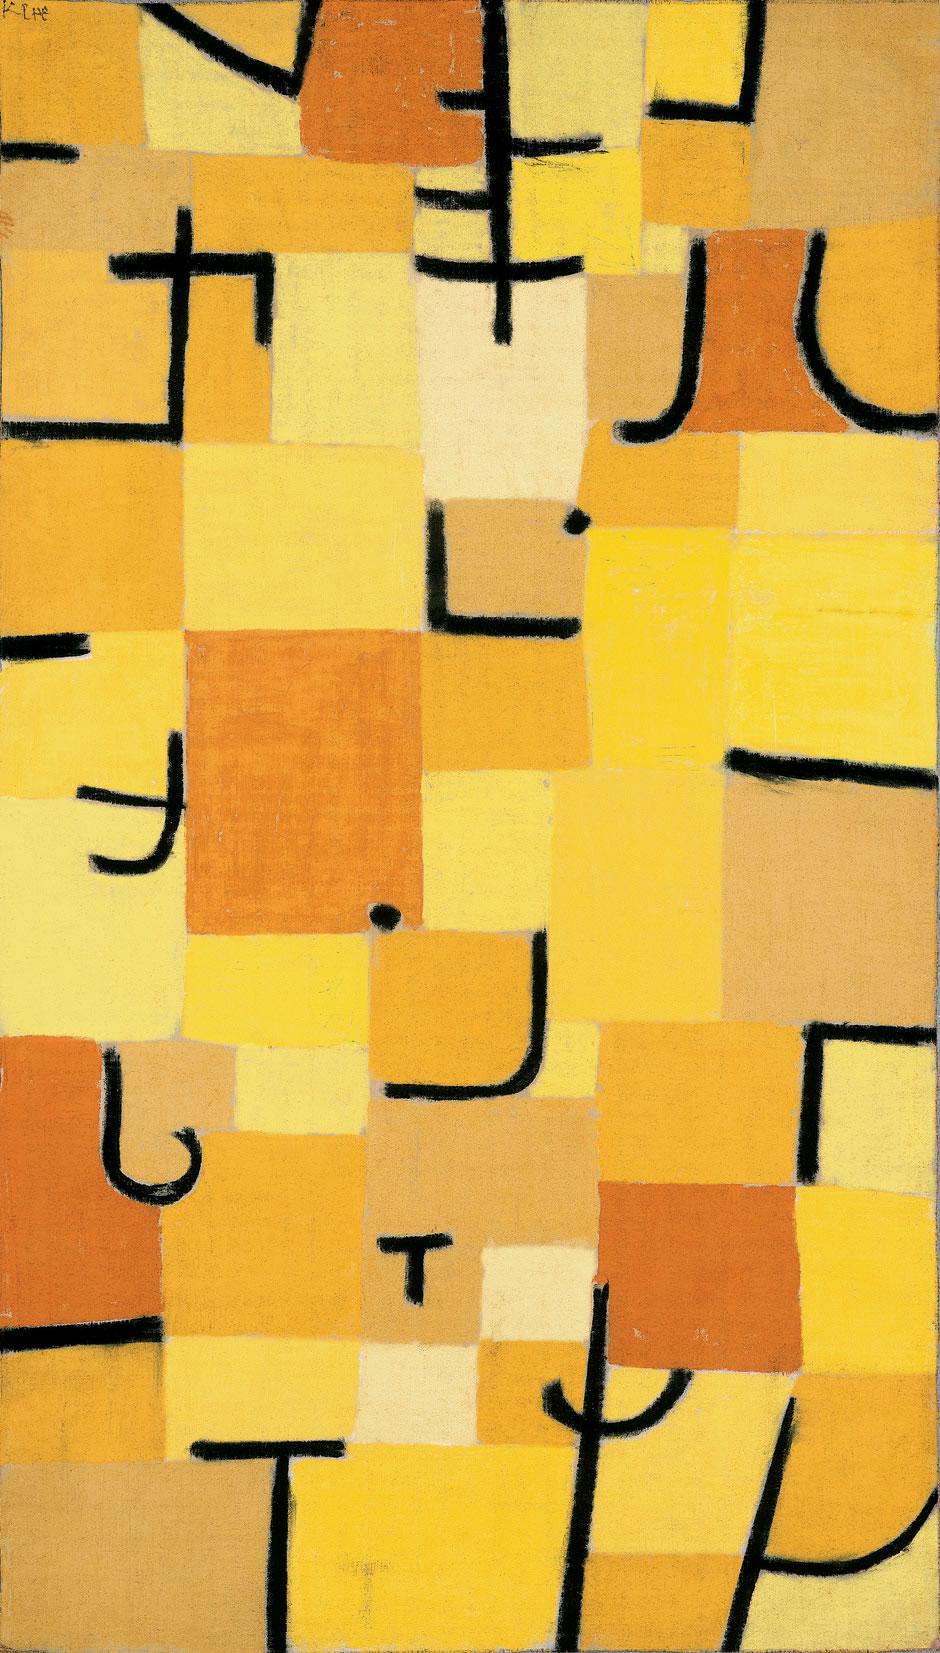 Signes en Jaune by Paul Klee, 1937